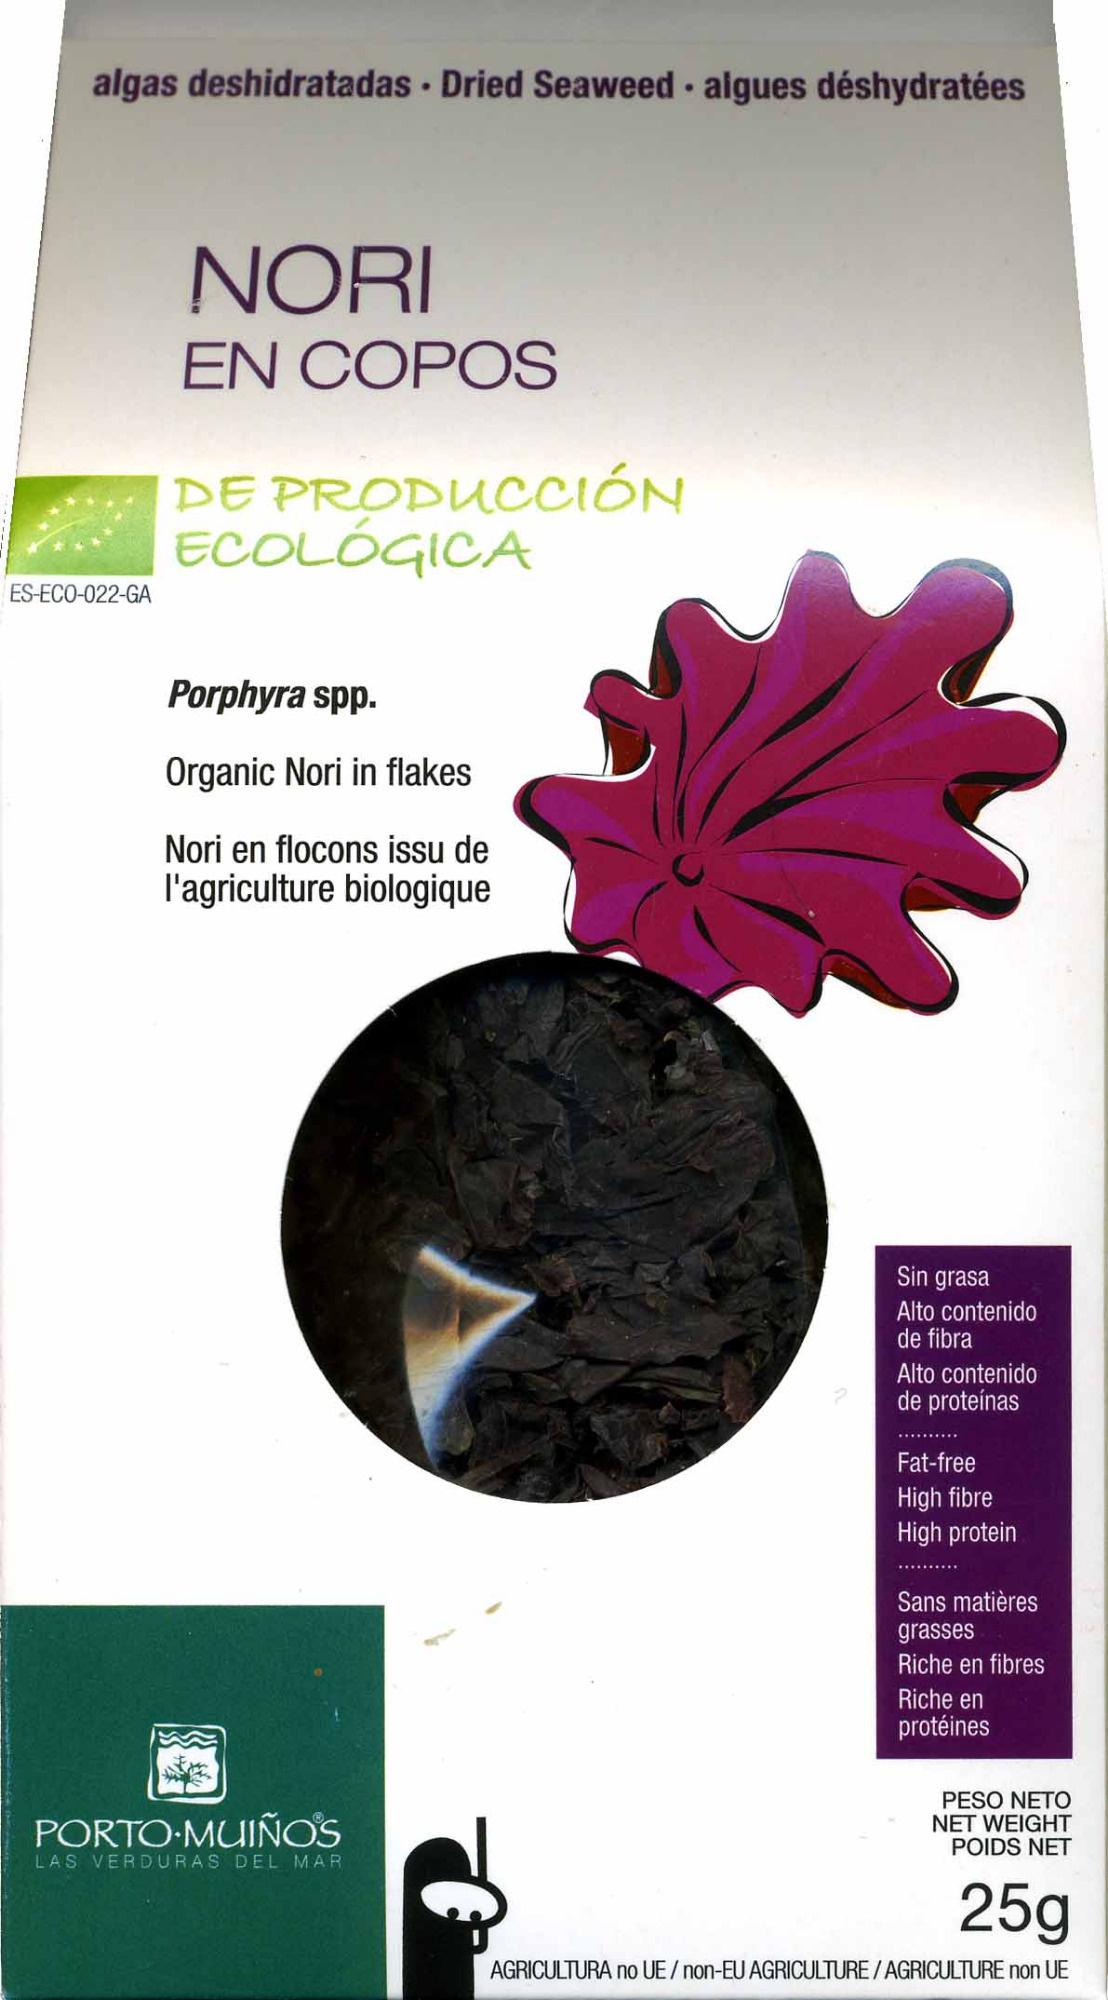 Algas deshidratadas nori en copos - Producte - es